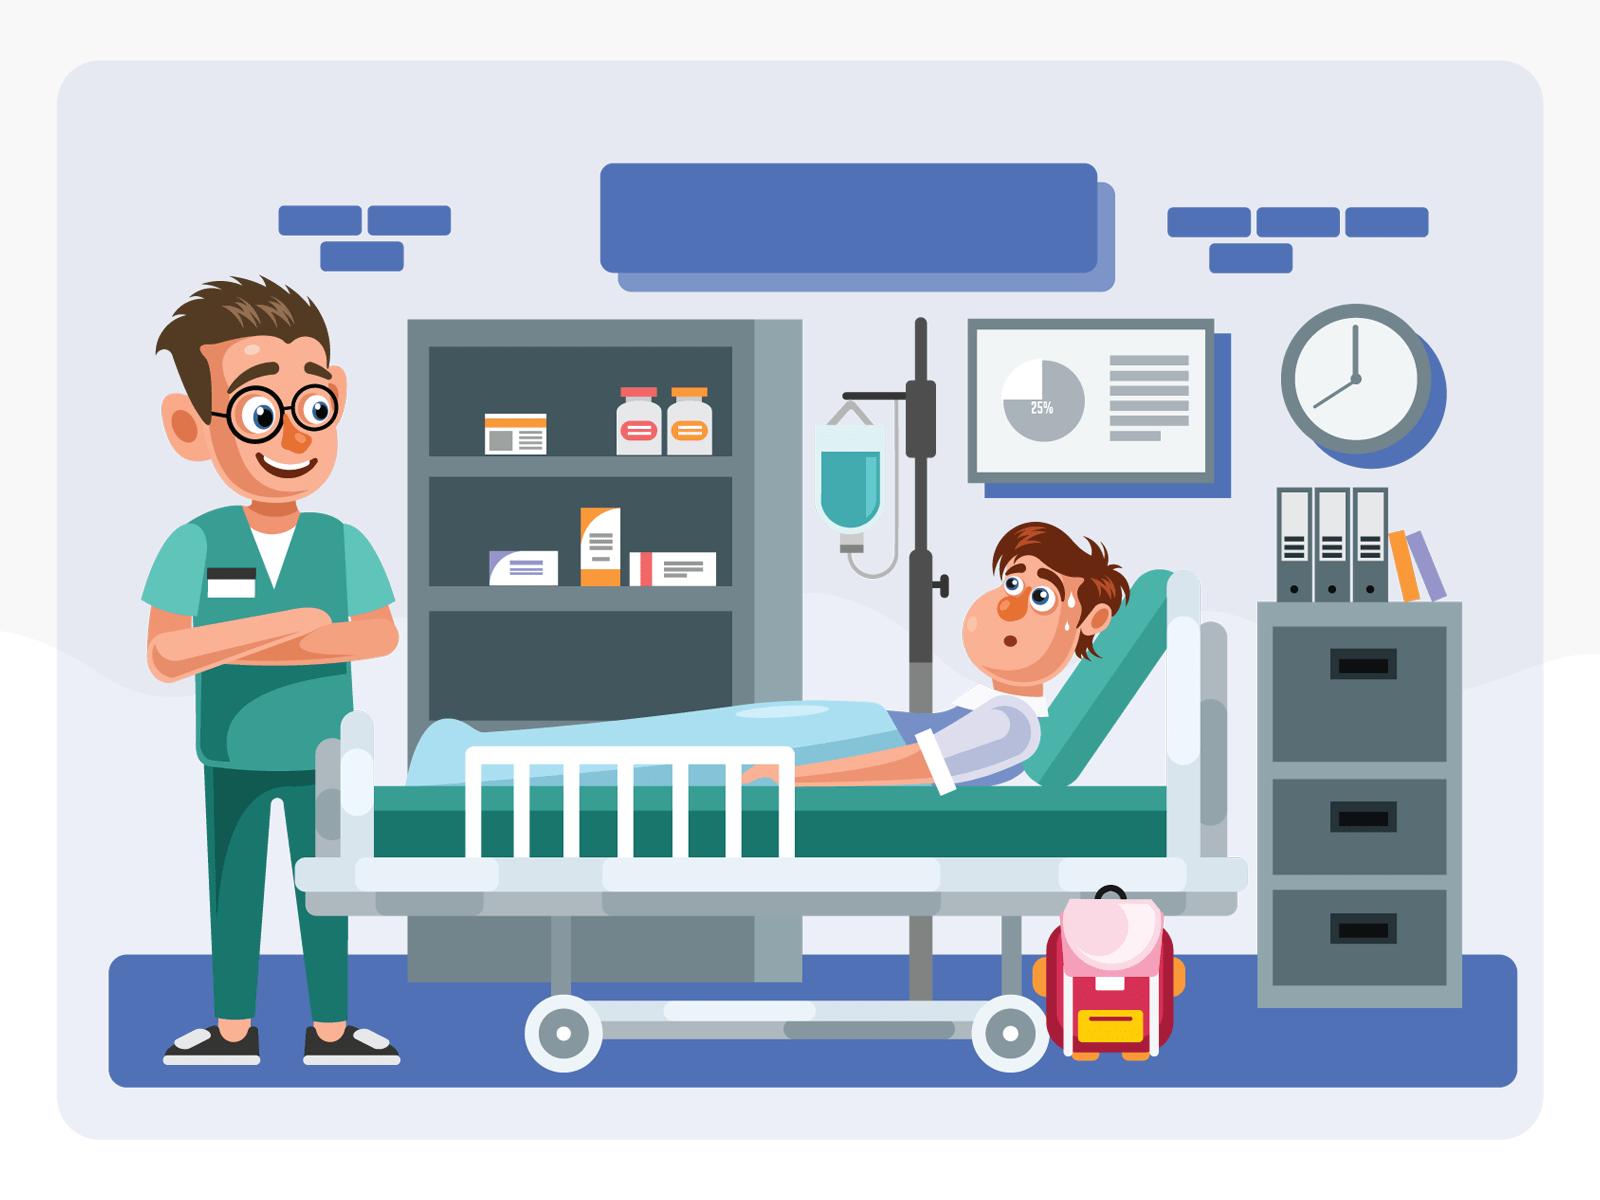 patient inquiry